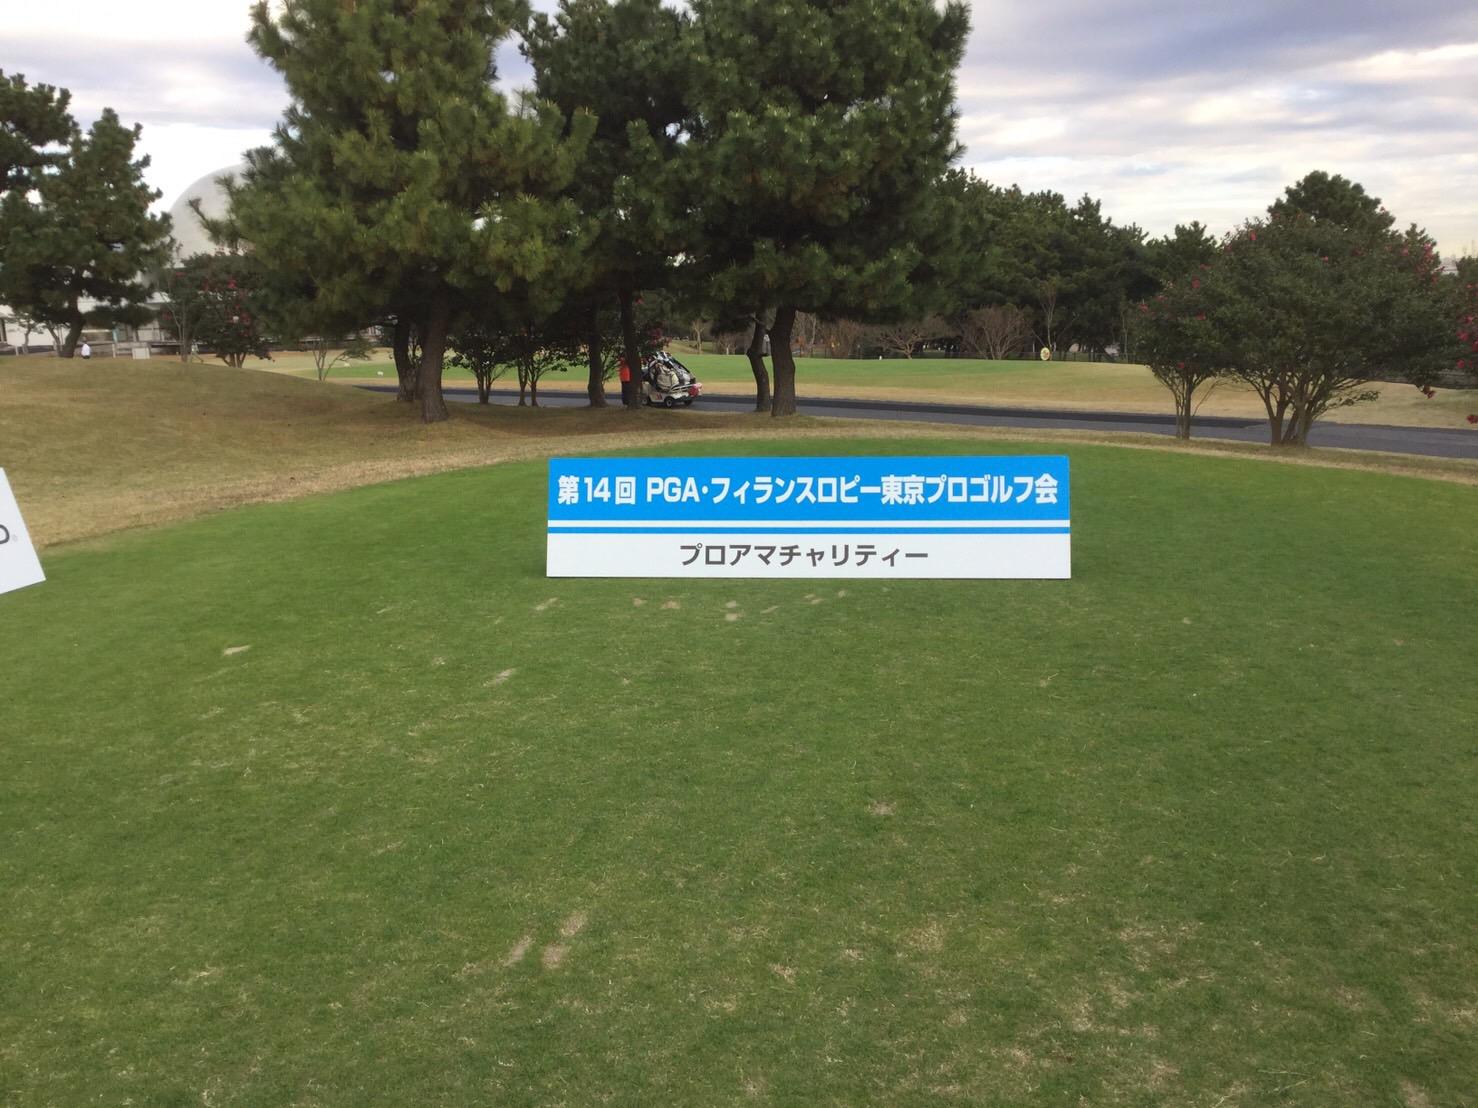 第14回 PGA・フィランスロピー東京プロゴルフ会 プロアマチャリティー報告